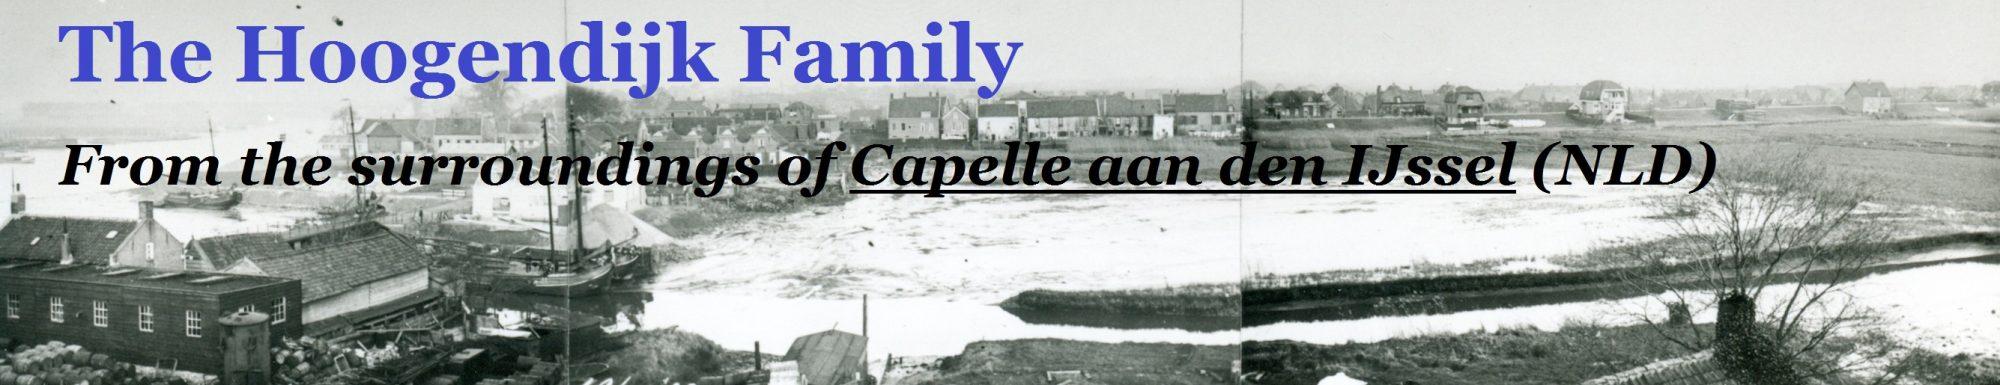 Hoogendijk Family